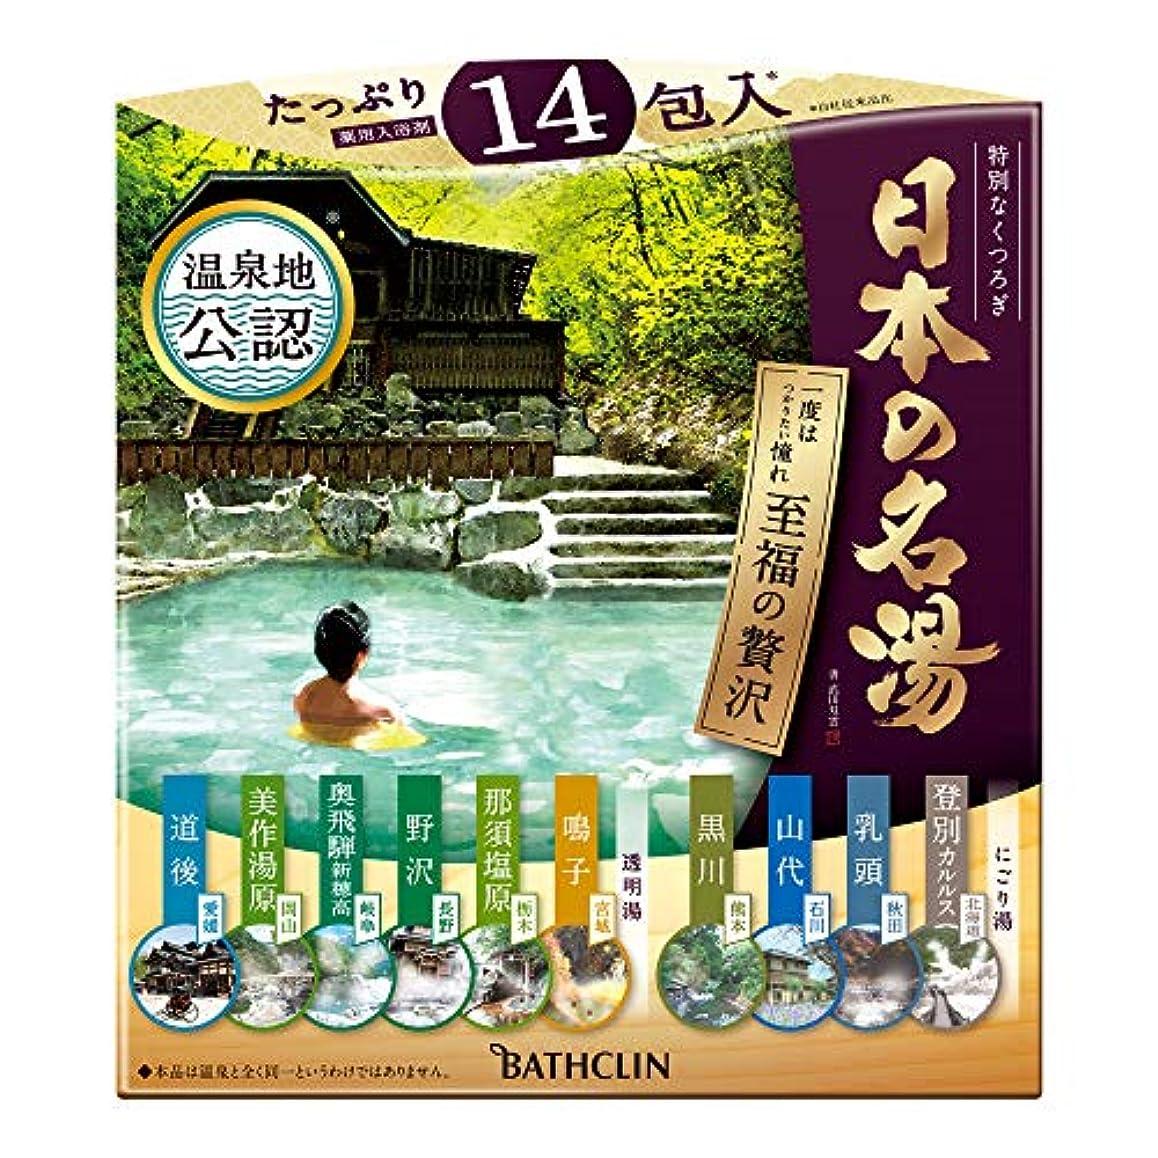 ポーク舌聖域【医薬部外品】バスクリン 日本の名湯 入浴剤 至福の贅沢 30g×14包 個包装詰め合わせ 温泉タイプ